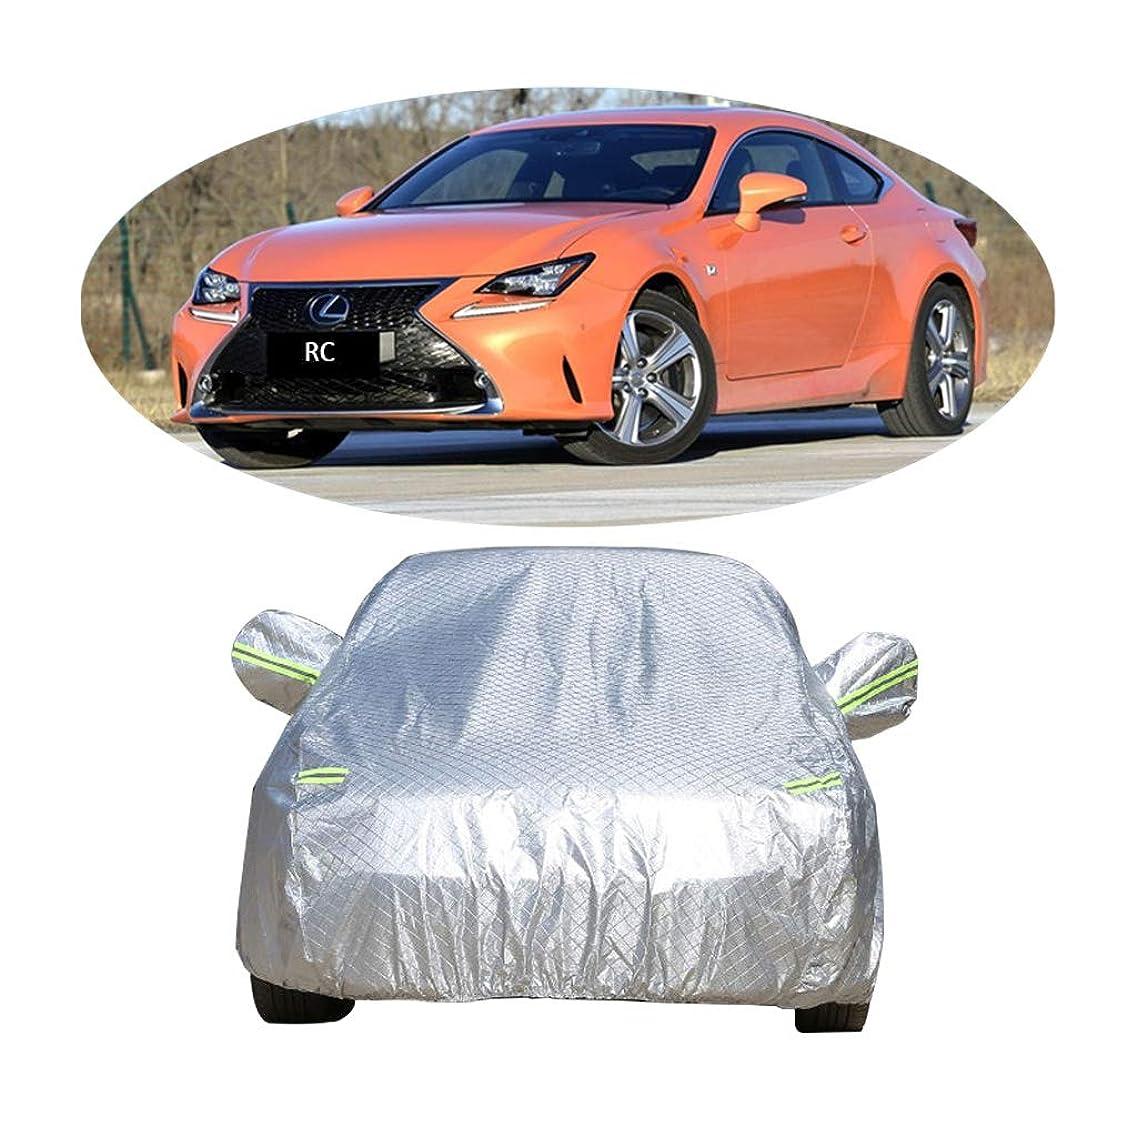 好きである契約ヒップ車のカバー レクサスRCスポーツカー特別増粘車服車のカバー日焼け止め雨絶縁防塵車カバー (サイズ さいず : 2016)